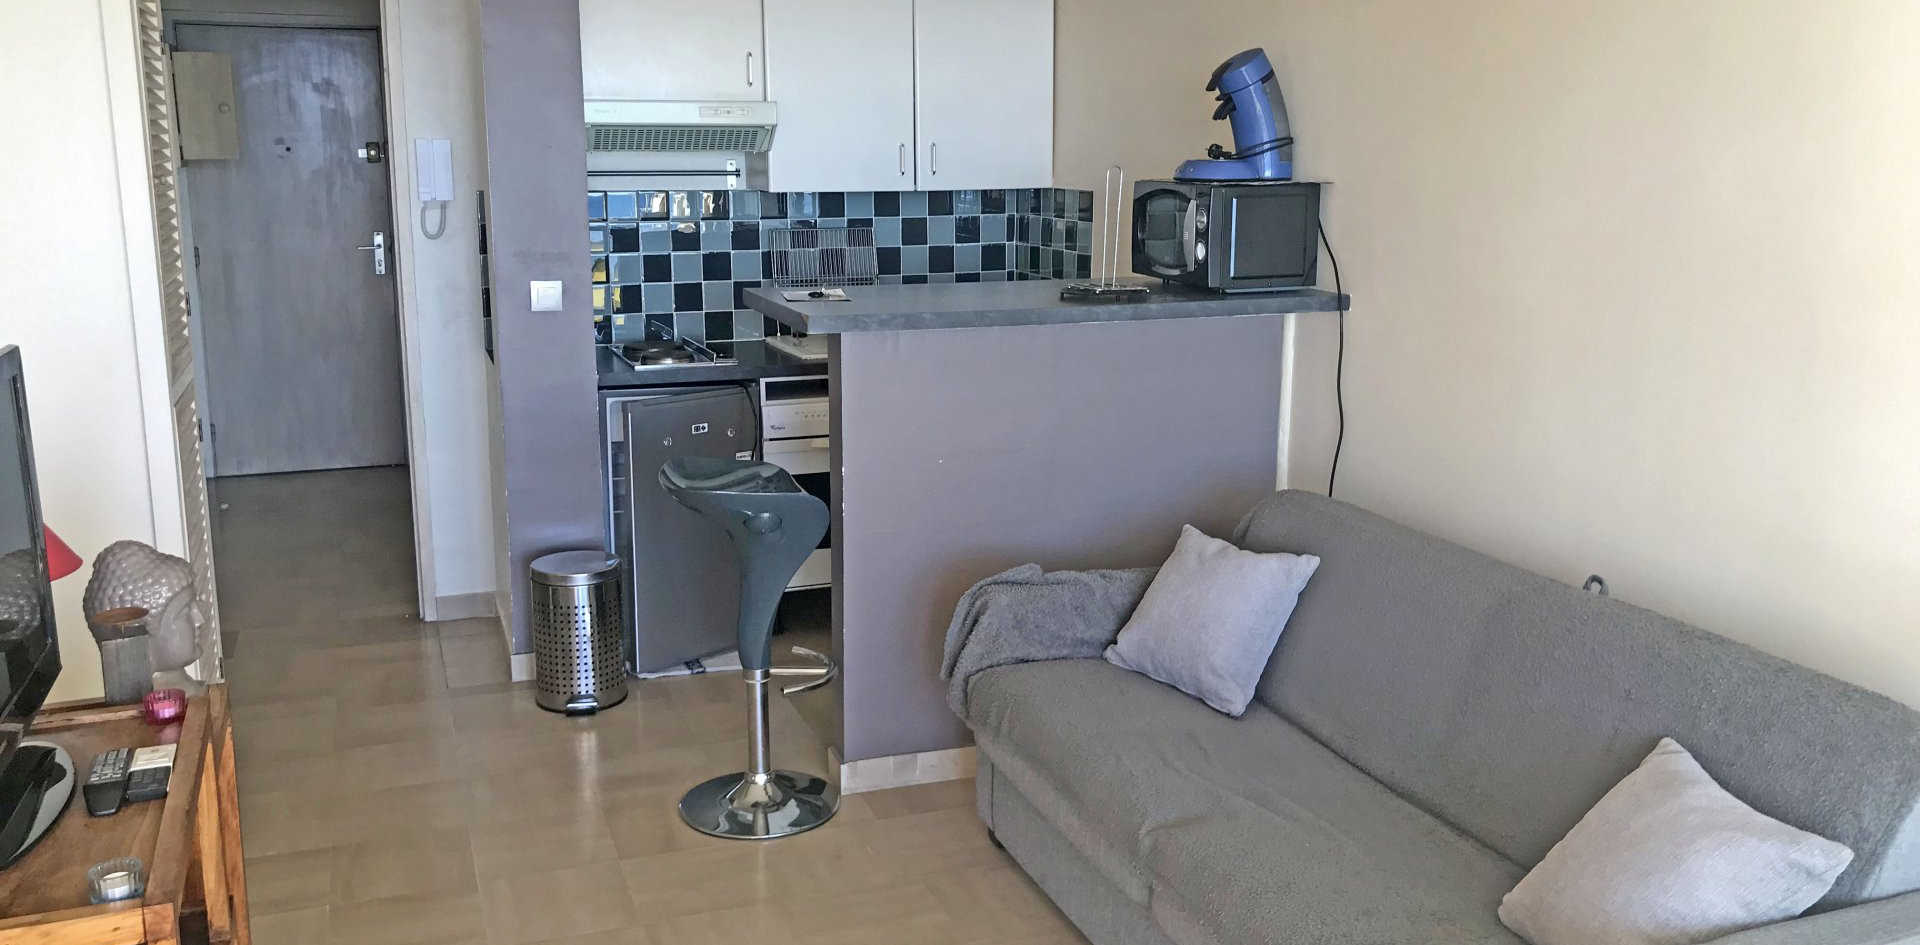 pulizie salotto appartamento